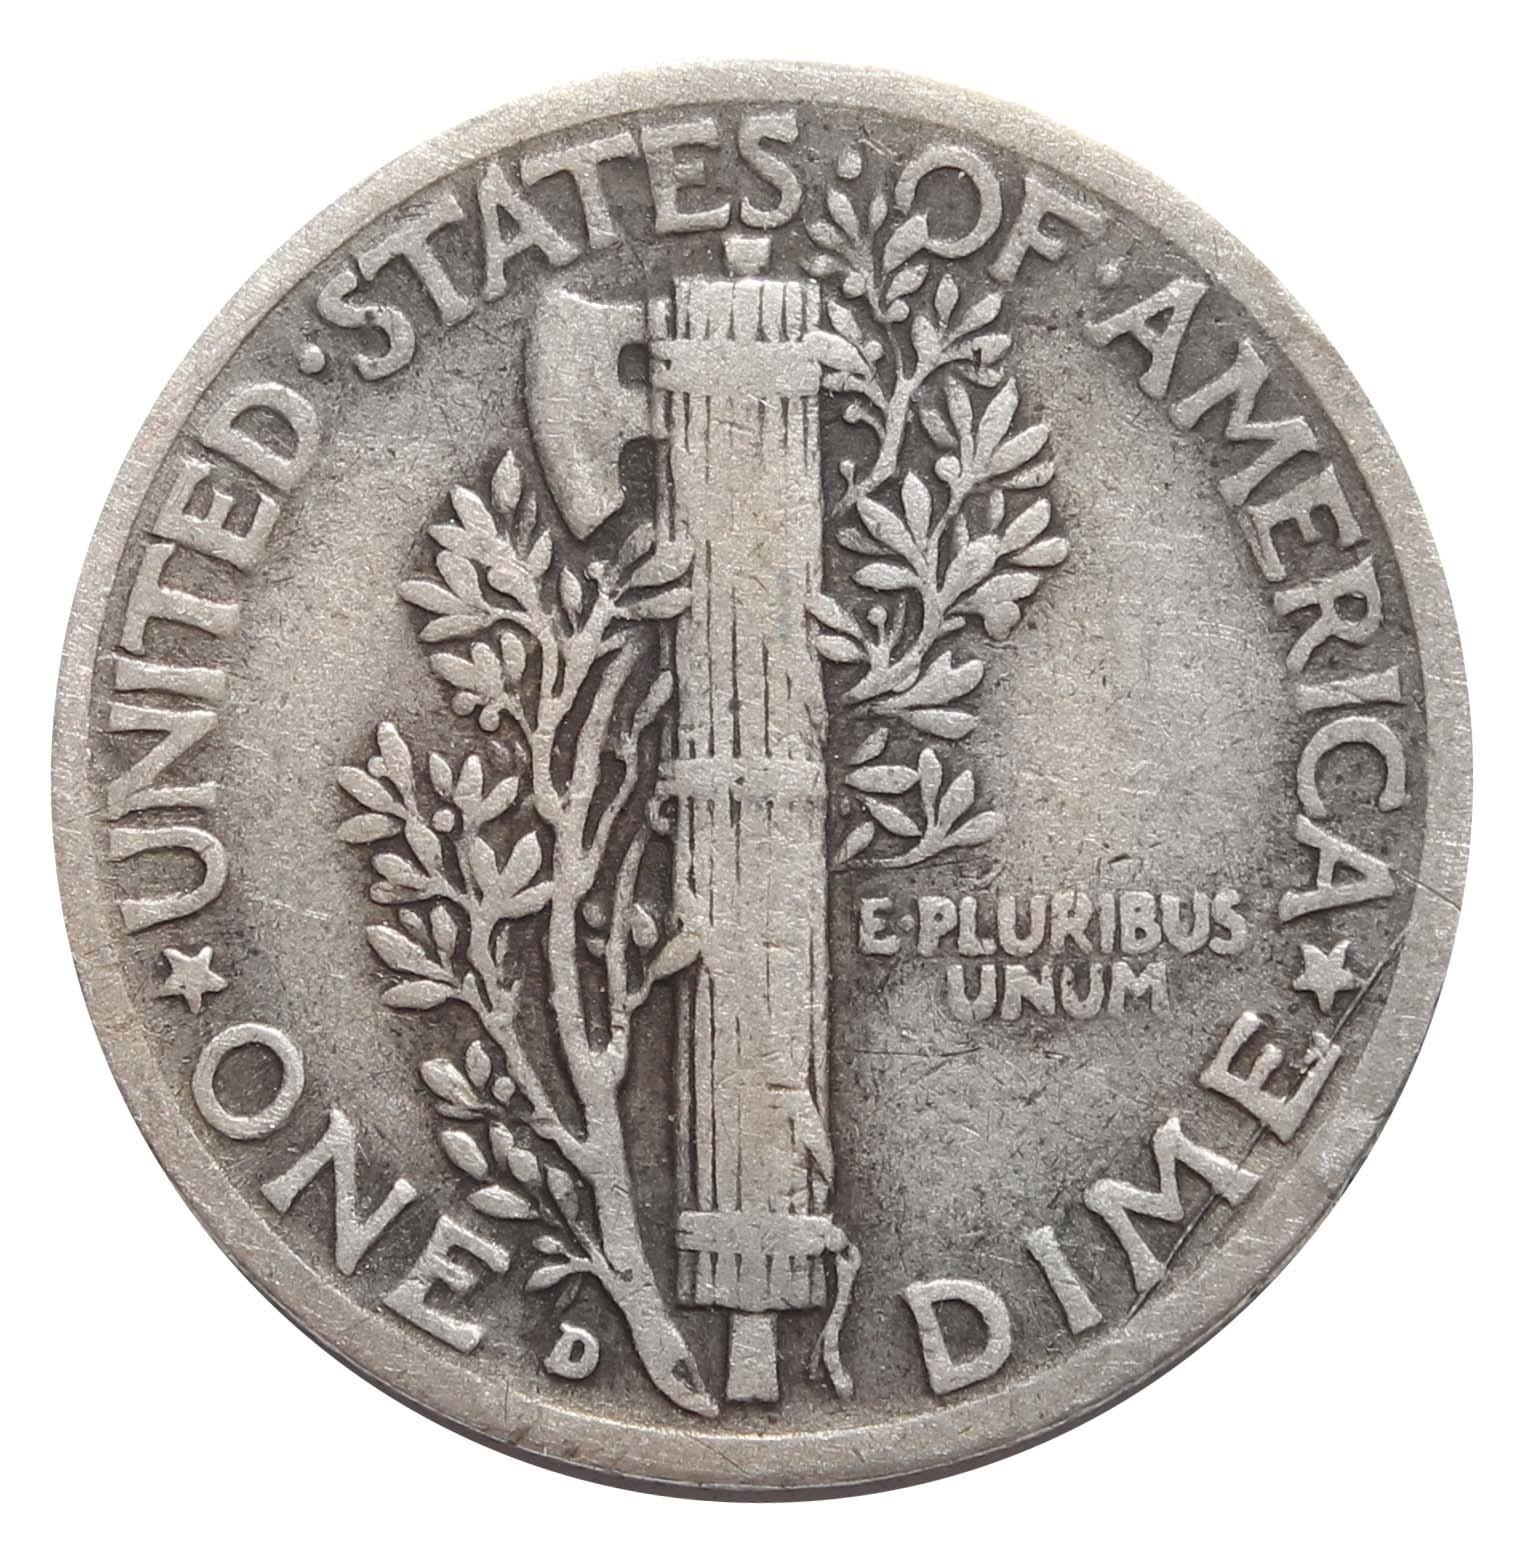 1 дайм (10 центов) 1942. (D) США VF (Меркурий) Серебро